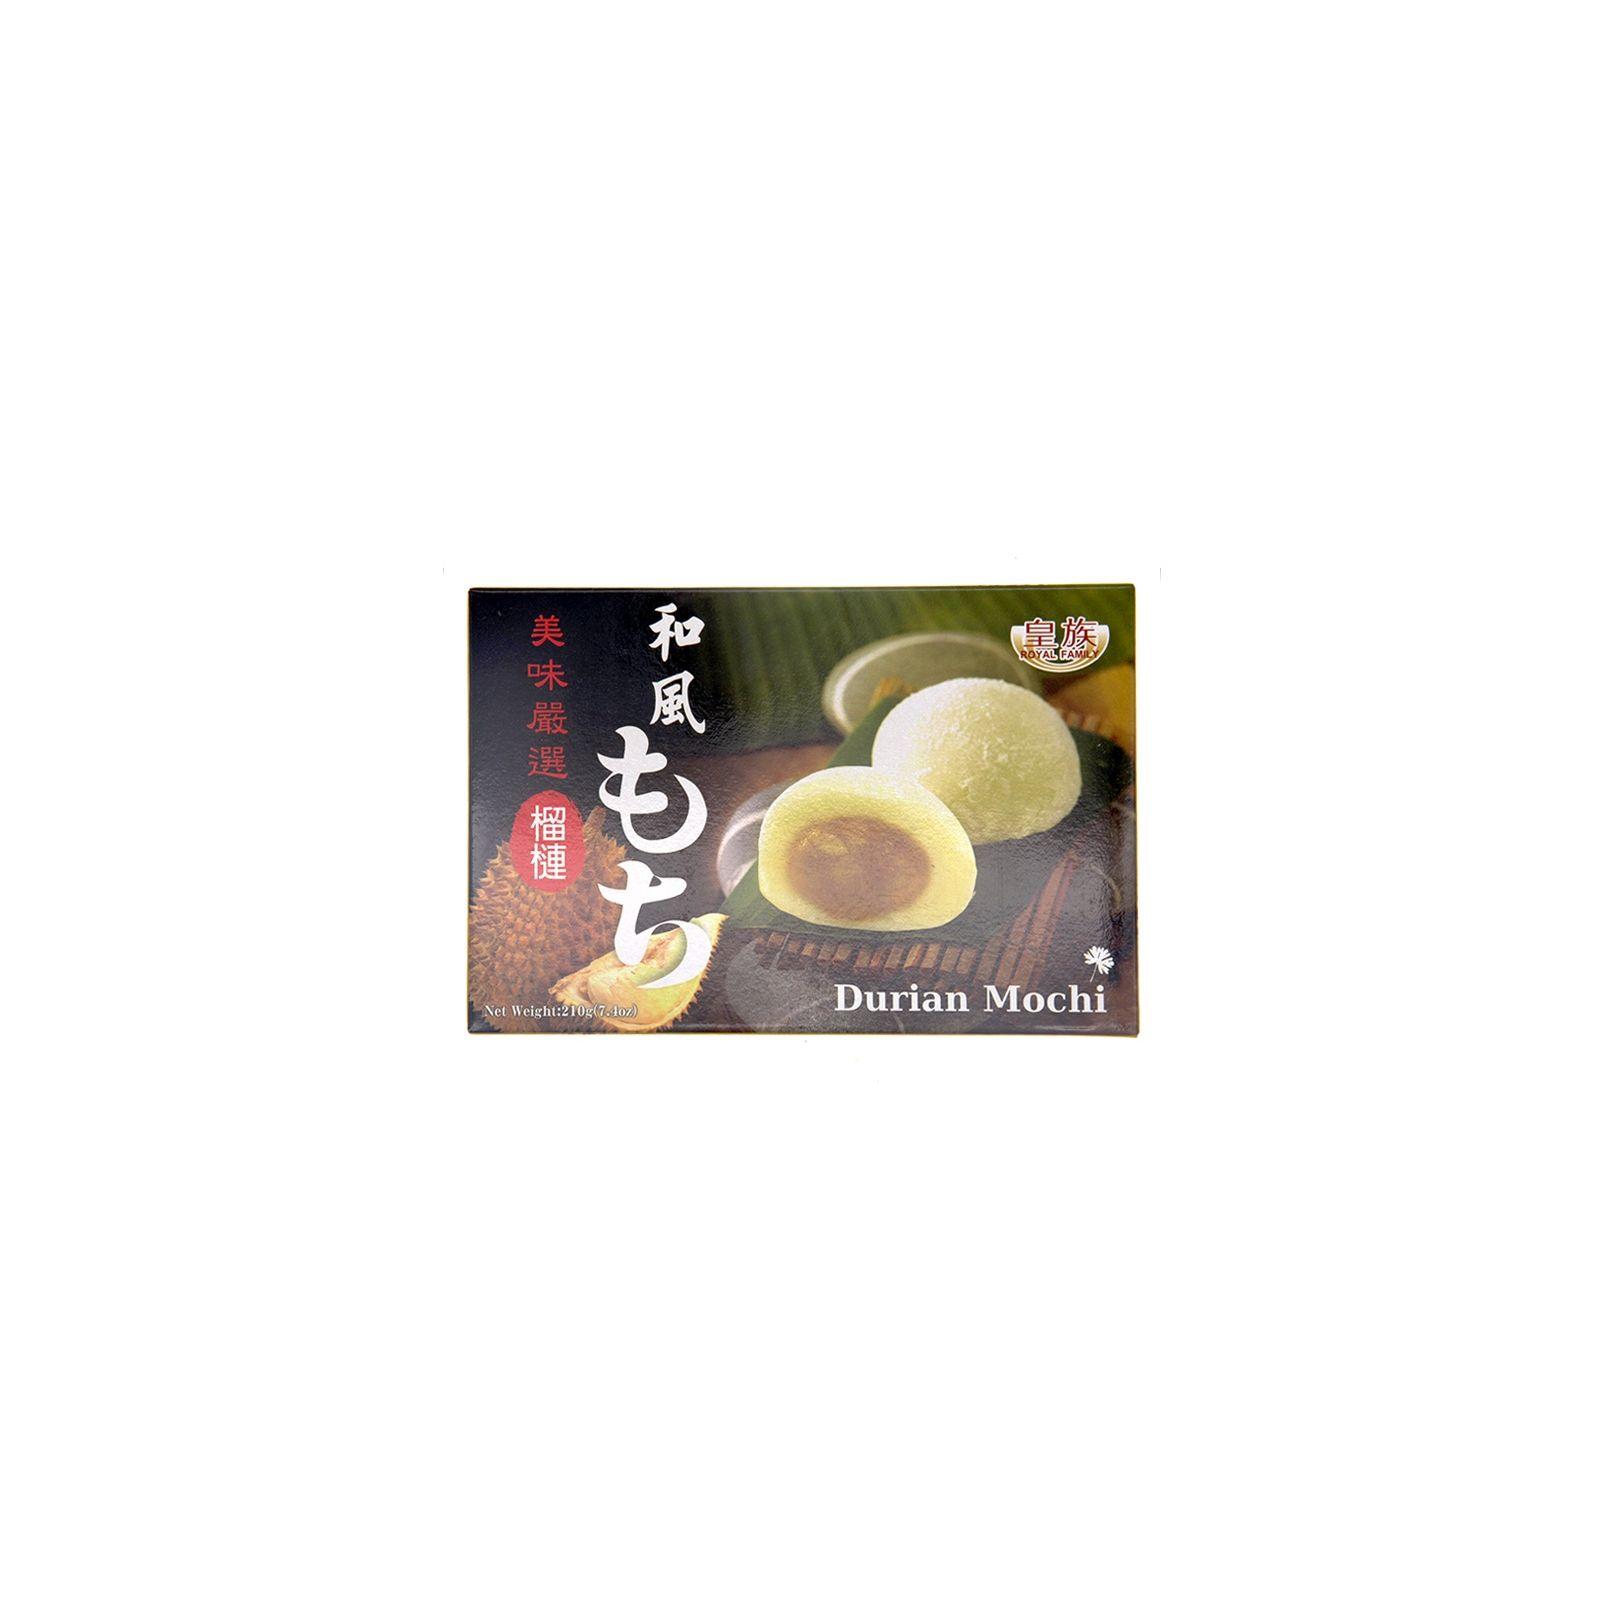 Asia Marché Mochis au durian 210g